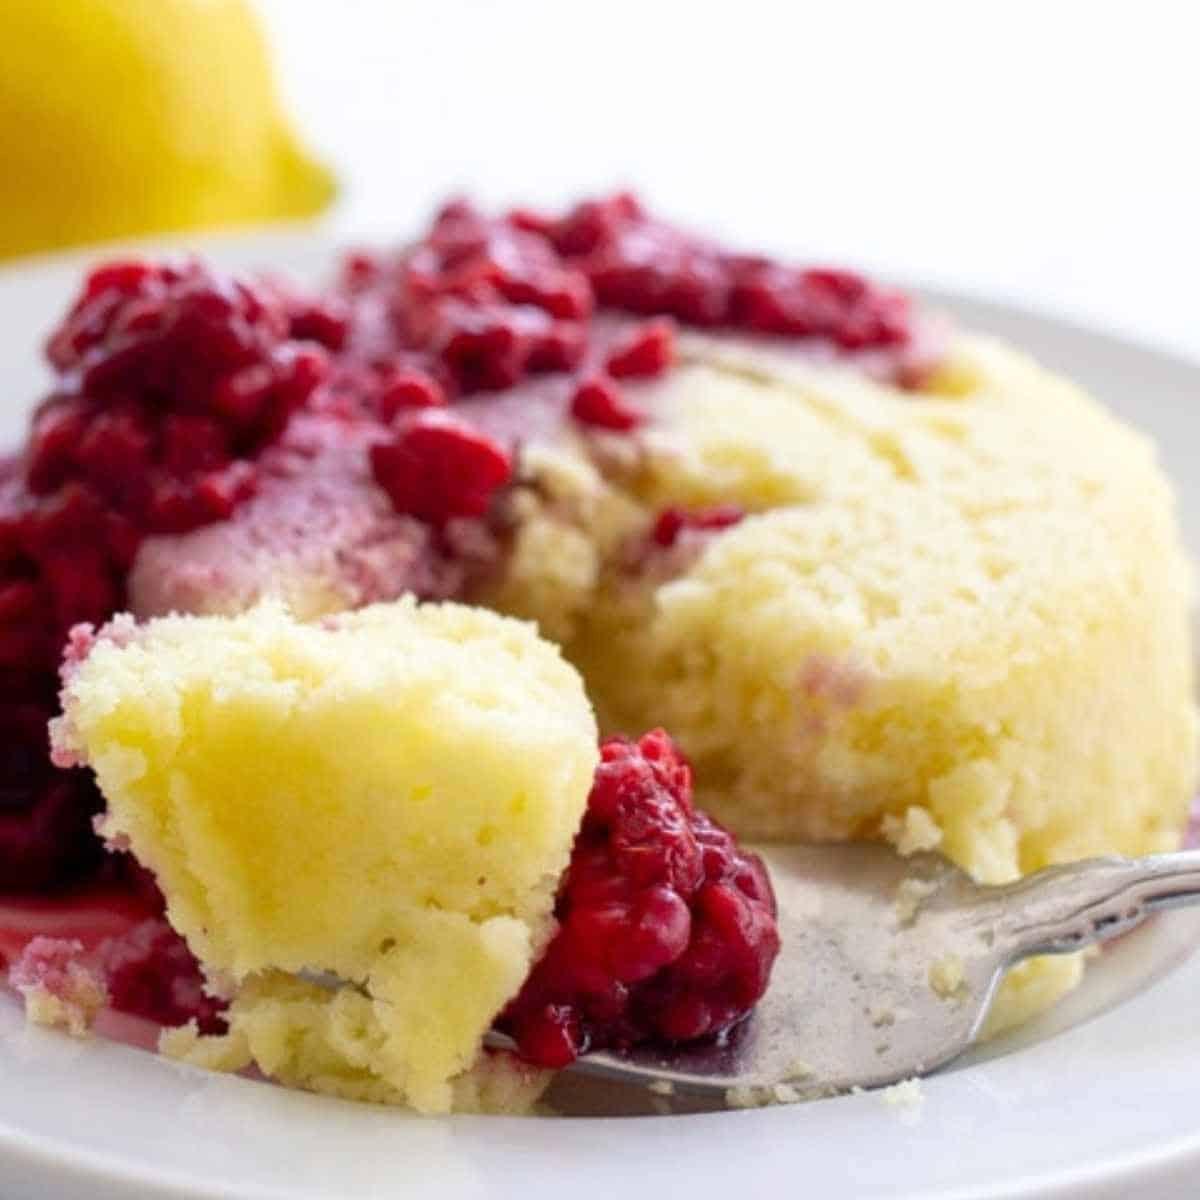 keto lemon mug cake - Keto Coconut Flour Recipes: Desserts to Dinners